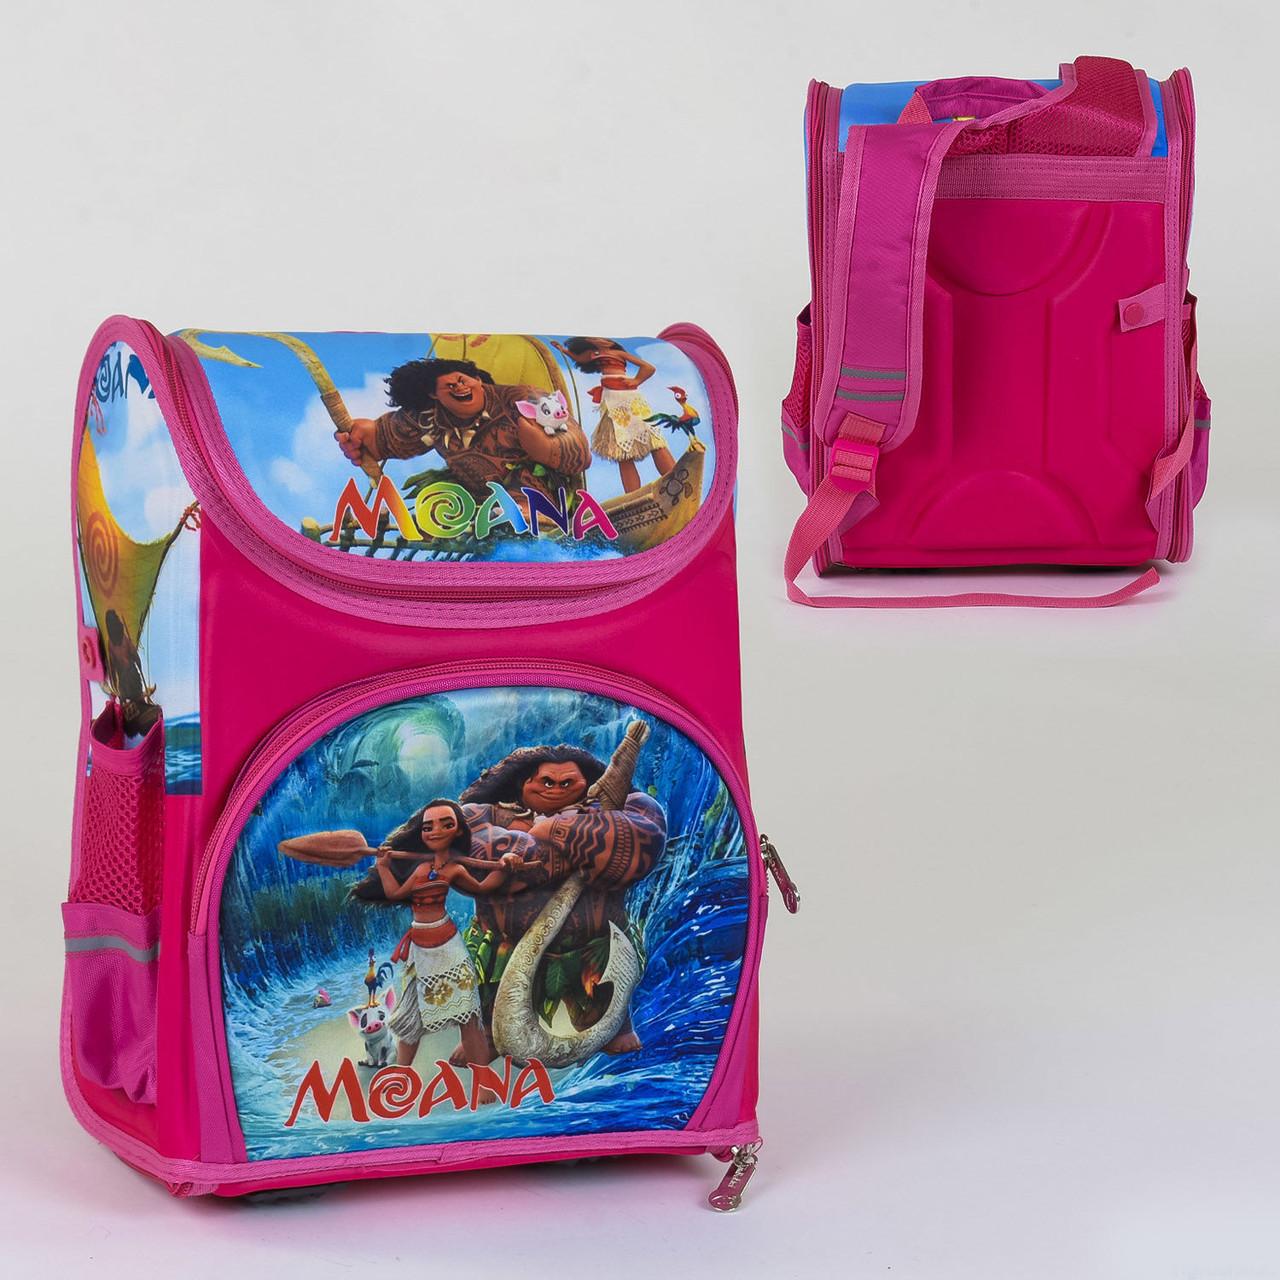 Рюкзак школьный каркасный C 36167, 1 отделение, 3 кармана, спинка ортопедическая, 3D принт